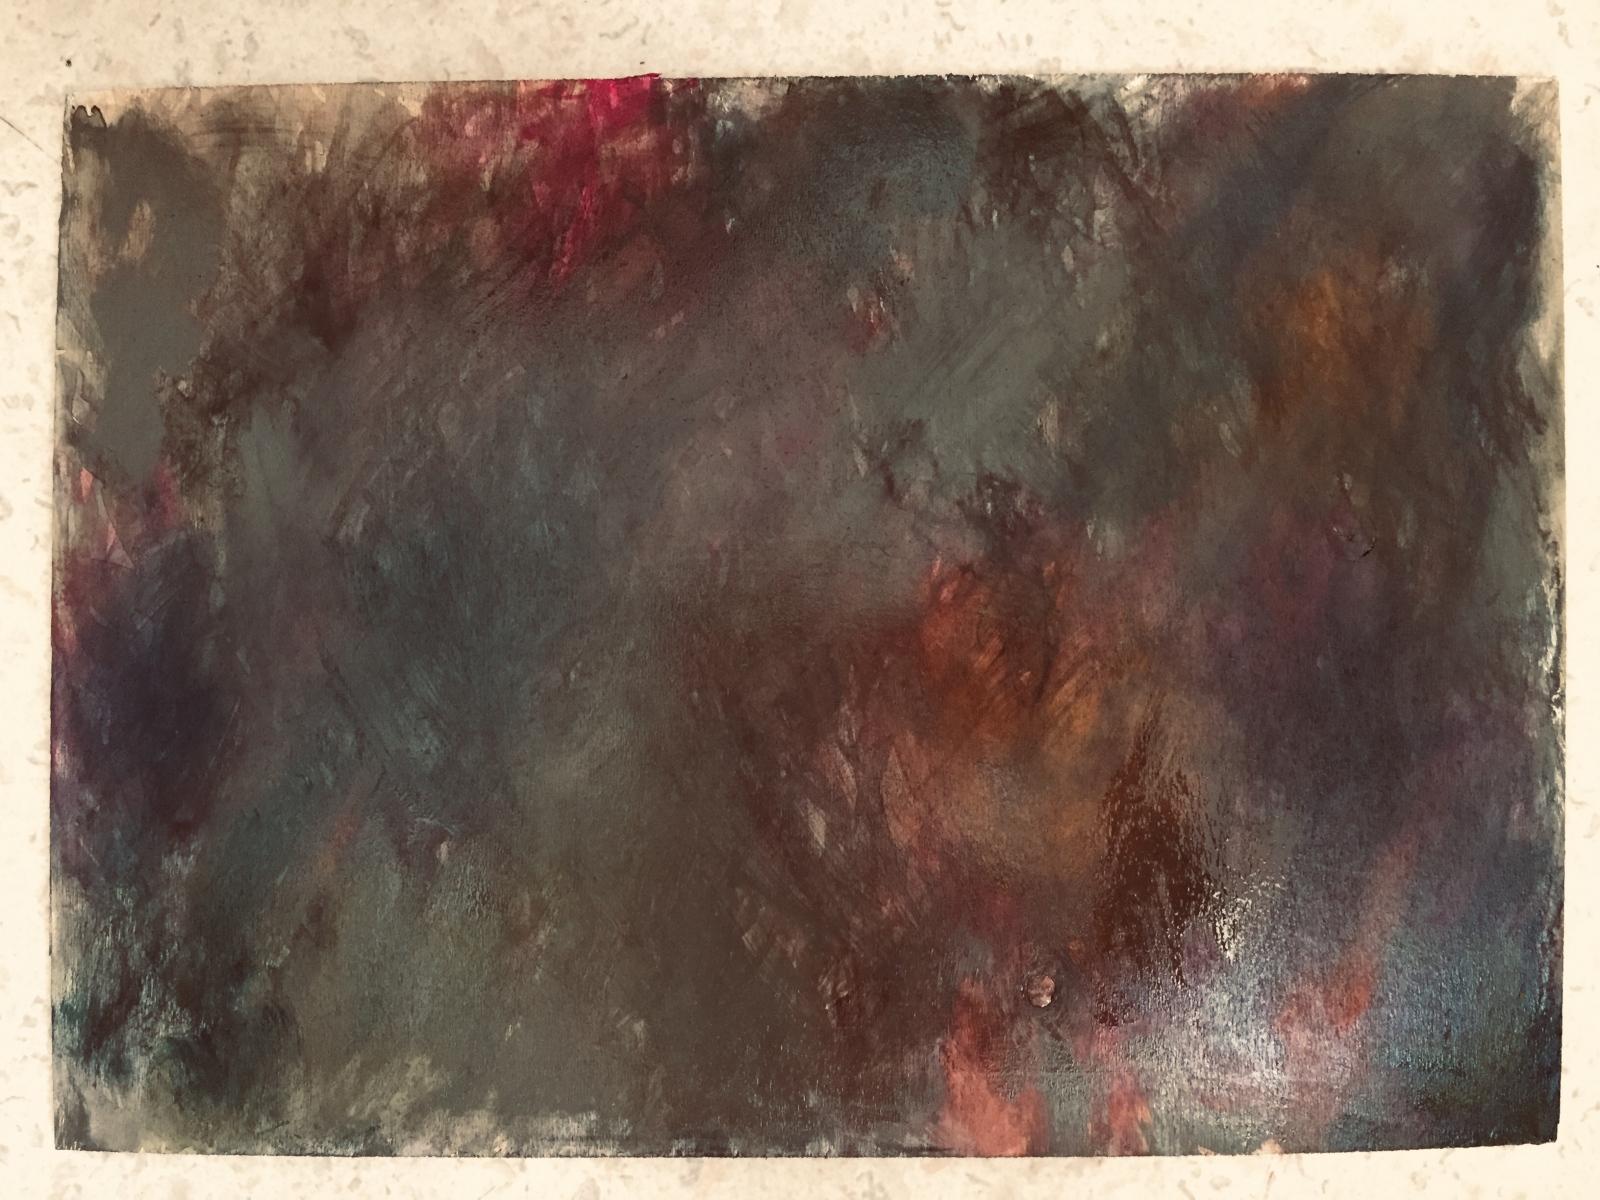 Novemberfflug-li, Öl a. Holz, 30x40, 2020